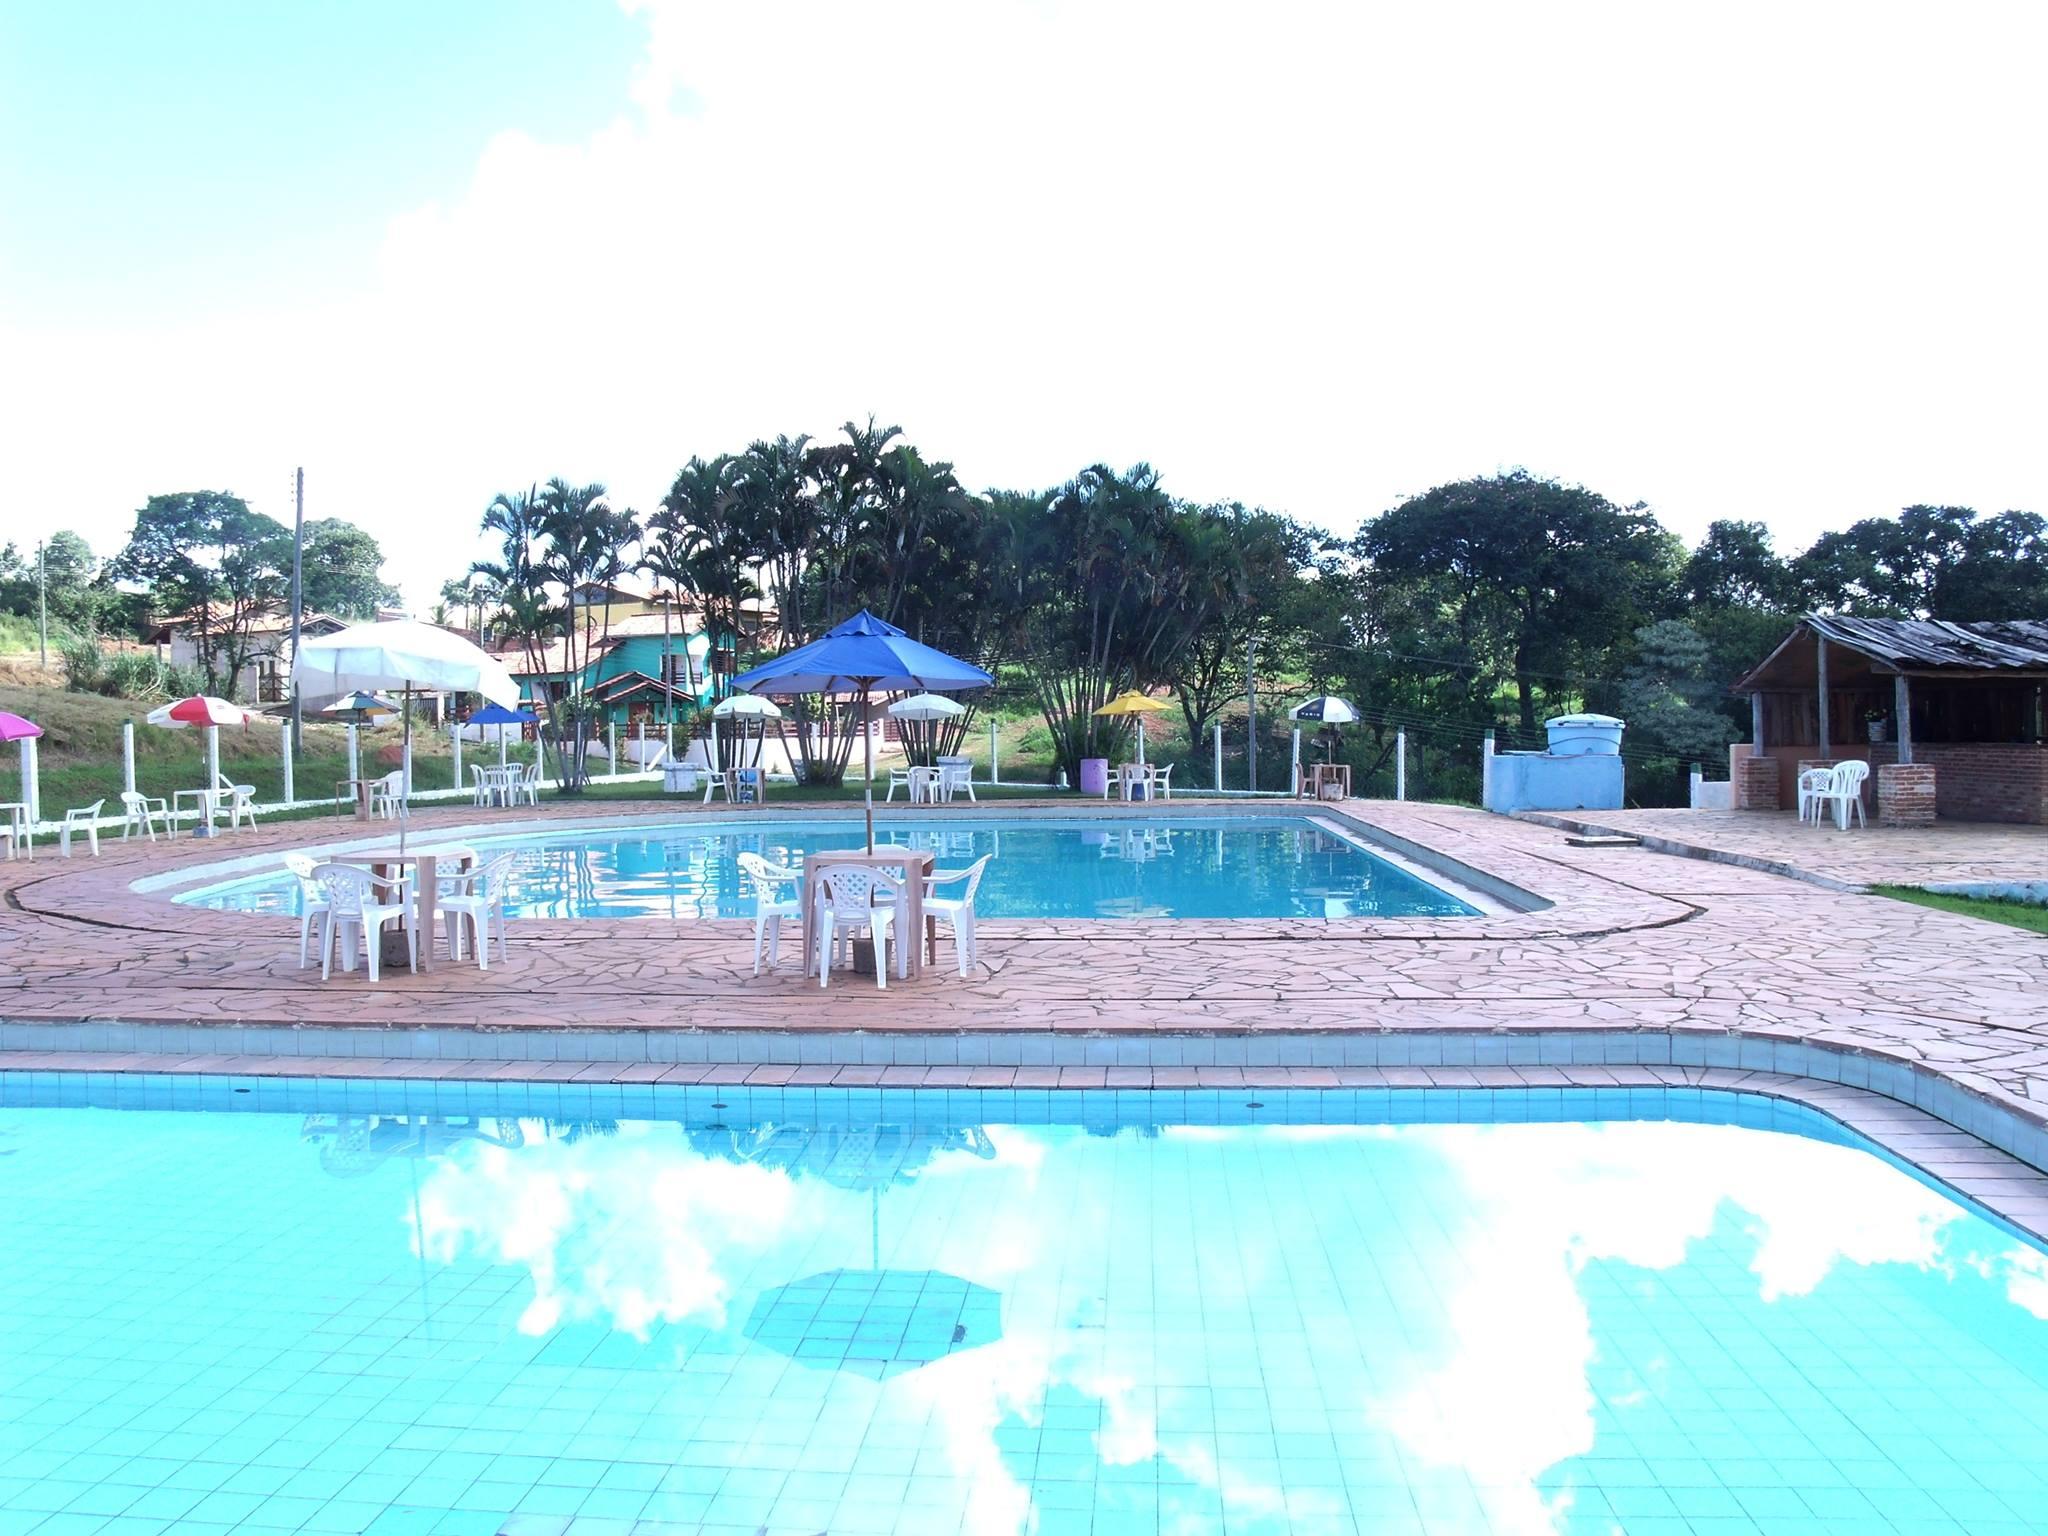 HOTEL POUSADA CHALE PARQUE AQUATICO